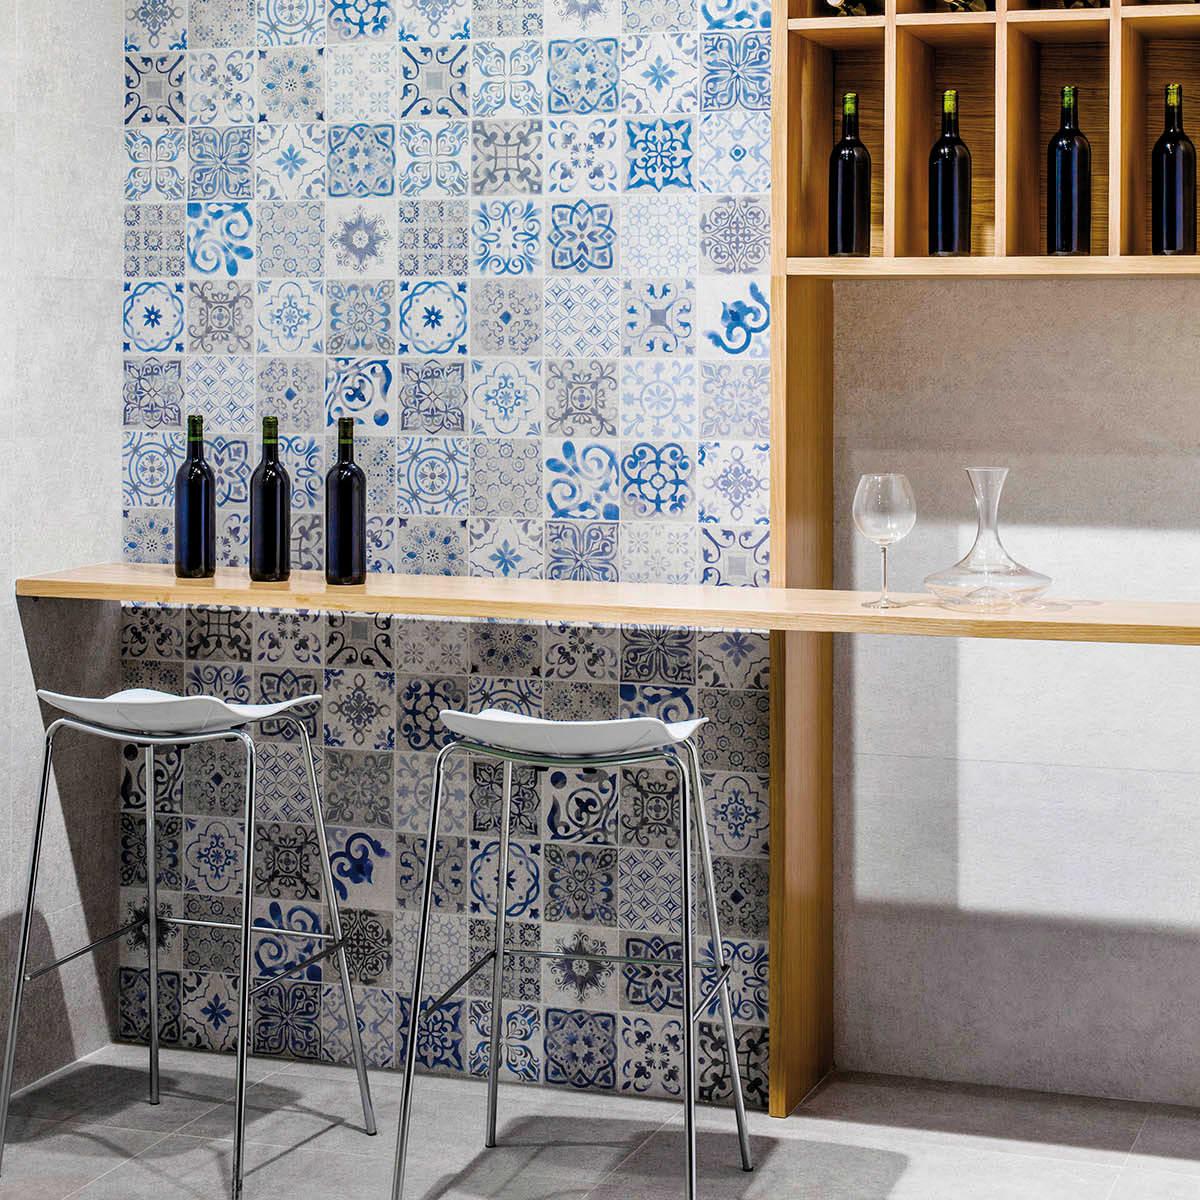 Piastrella Per Rivestimenti Mosaico Antique 30 X 90 Cm Sp 10 5 Mm Grigio Prezzo Online Leroy Merlin